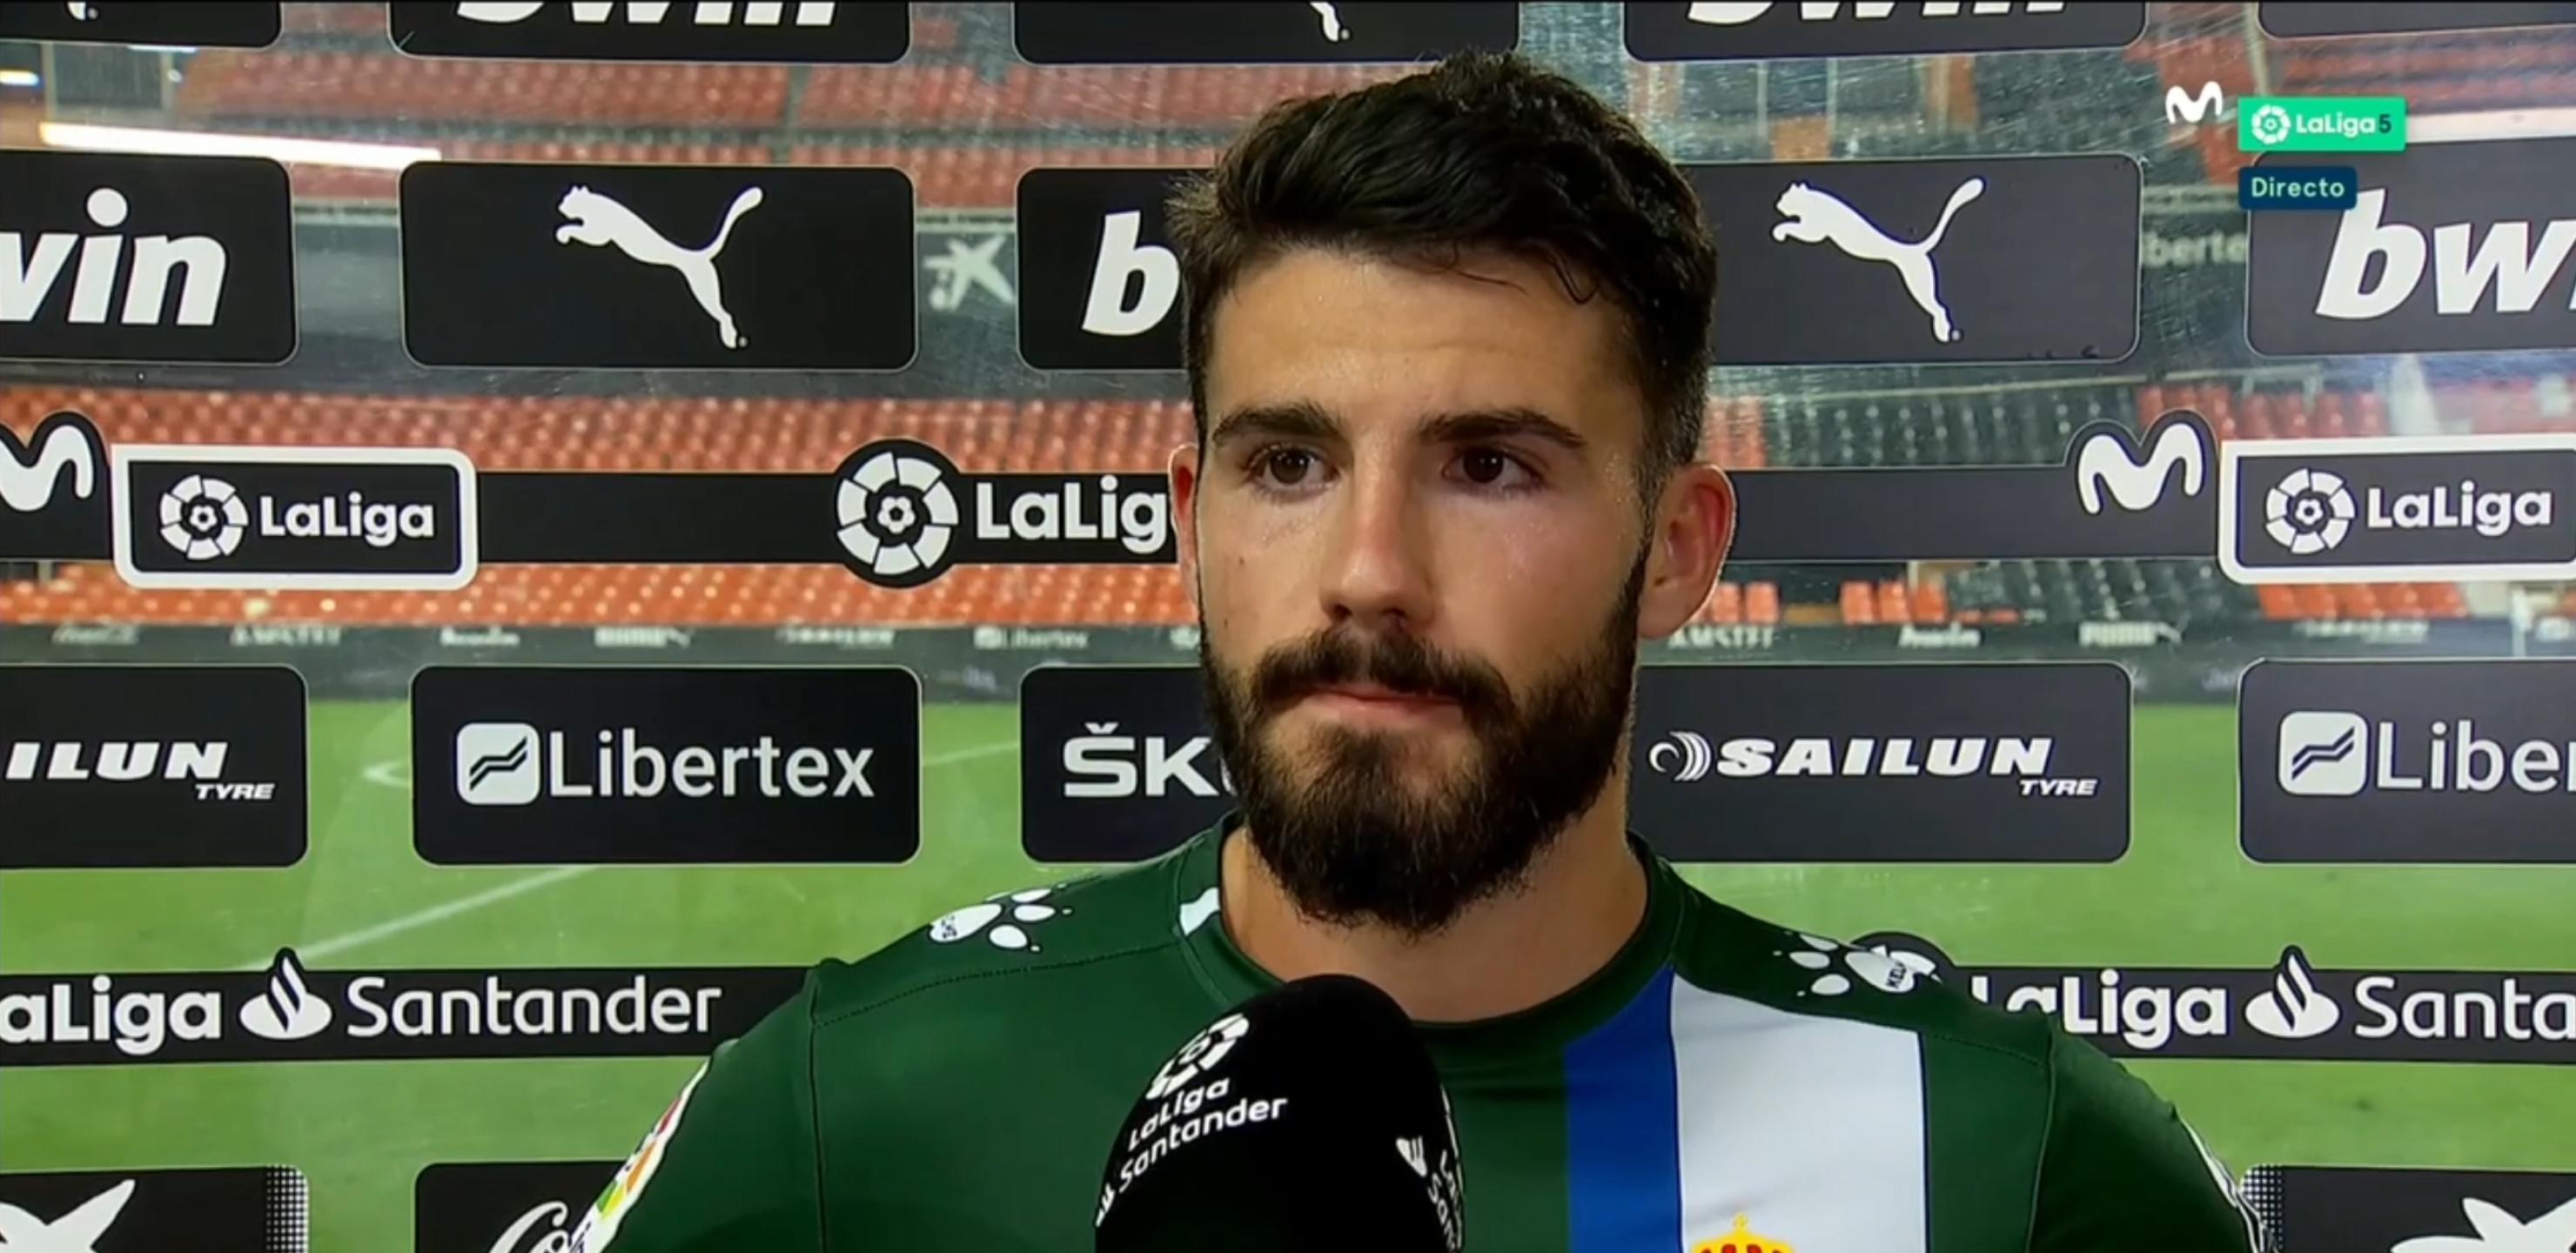 西班牙人后卫:我们尽力了,但运气太差;武磊那球很可惜